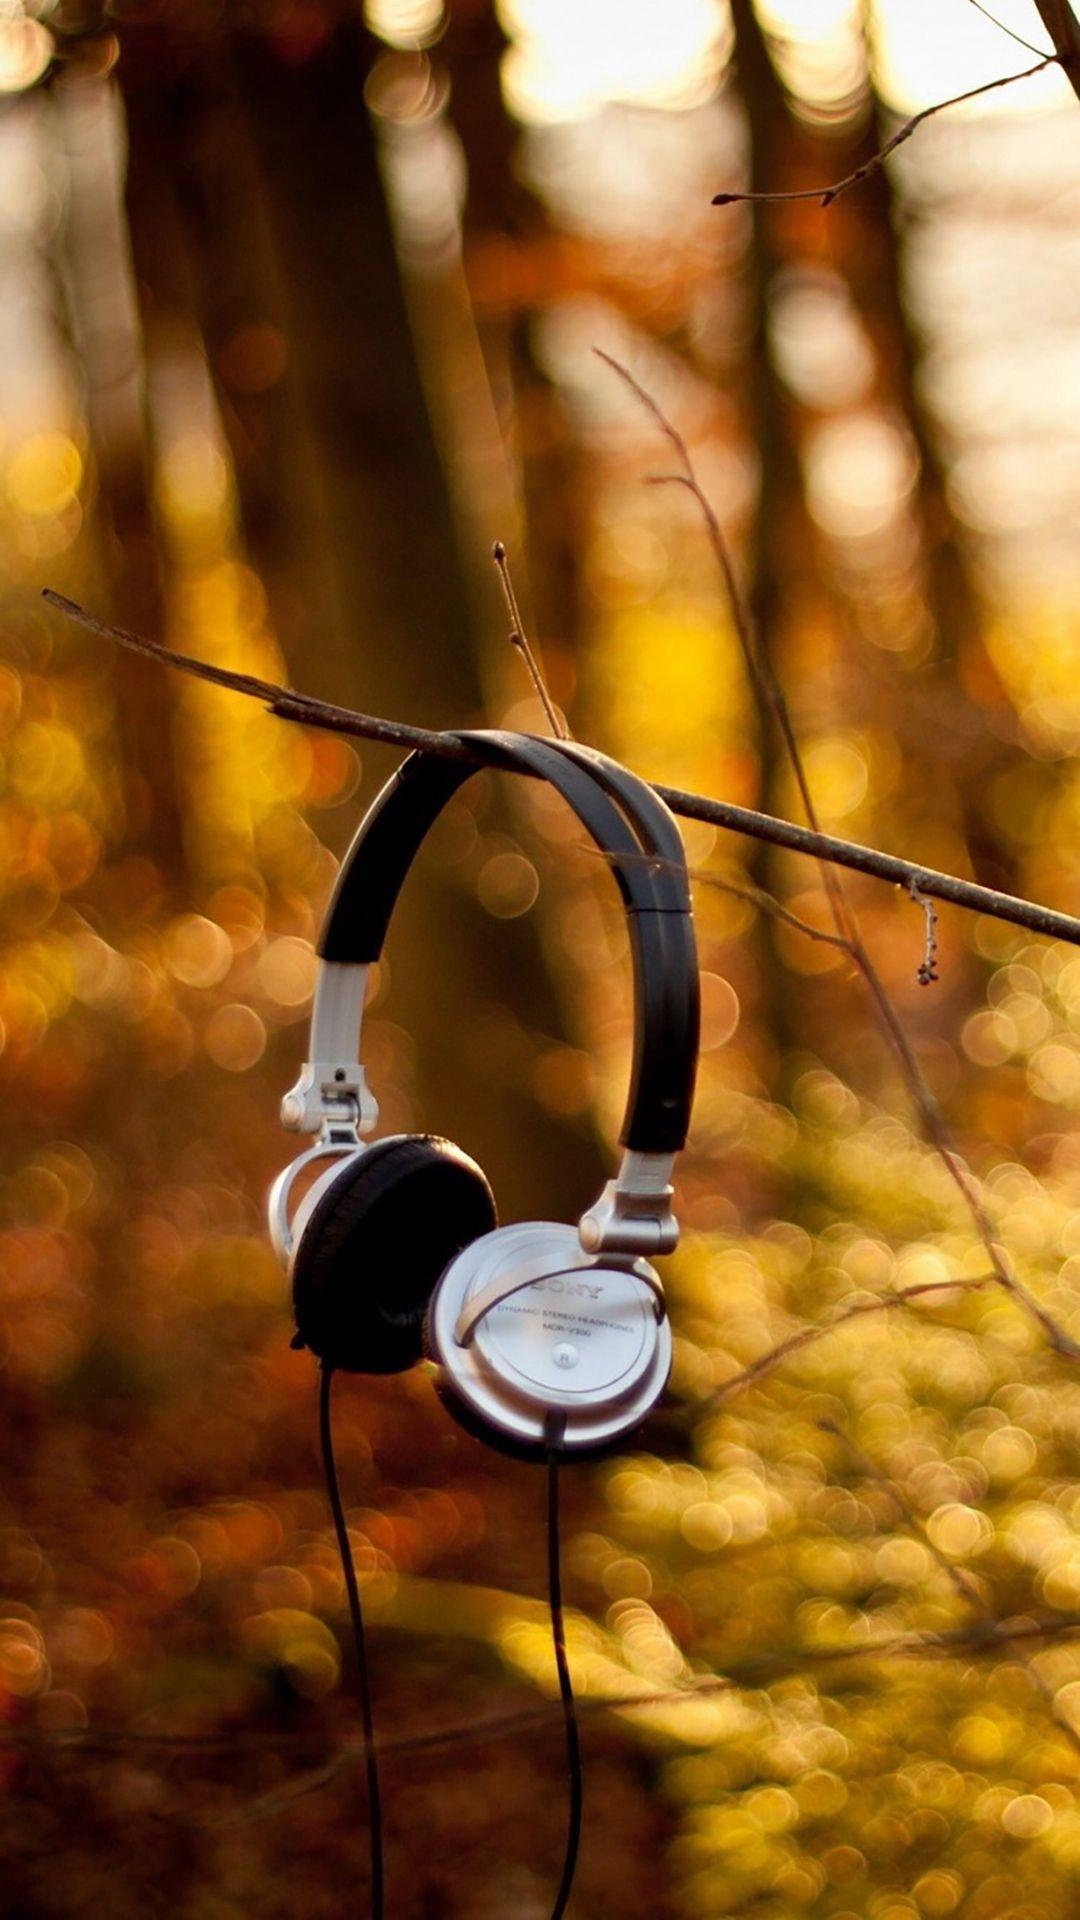 Headphones On Branch iPhone 6 wallpaper Wallpaper